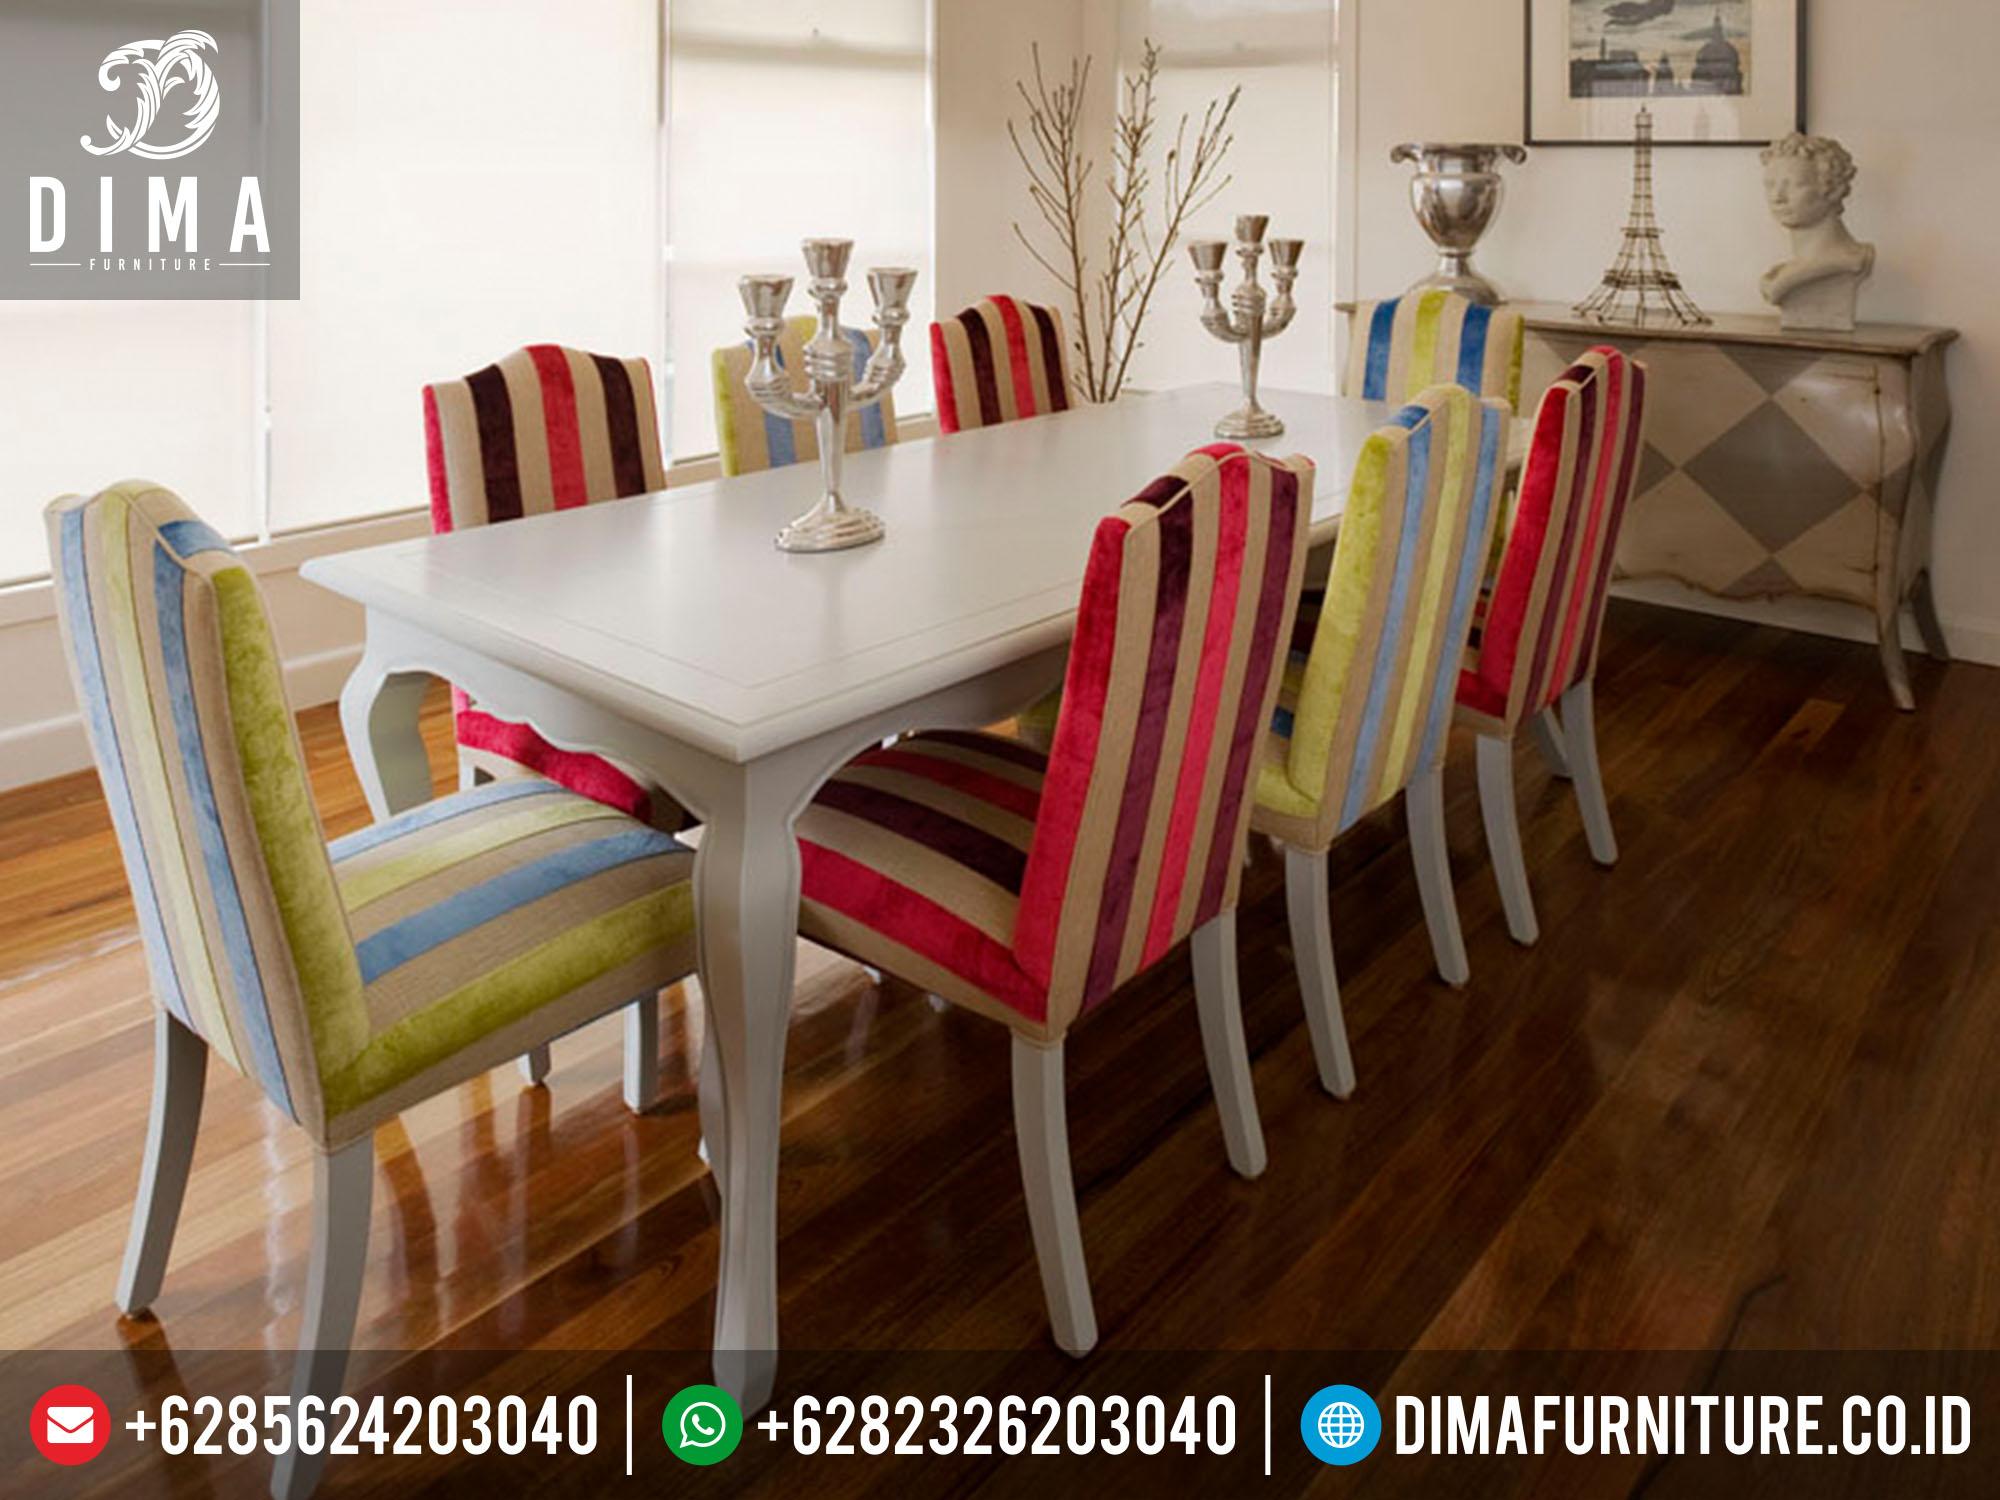 mebel jepara set meja makan minimalis modern mewah terbaru DF-0158